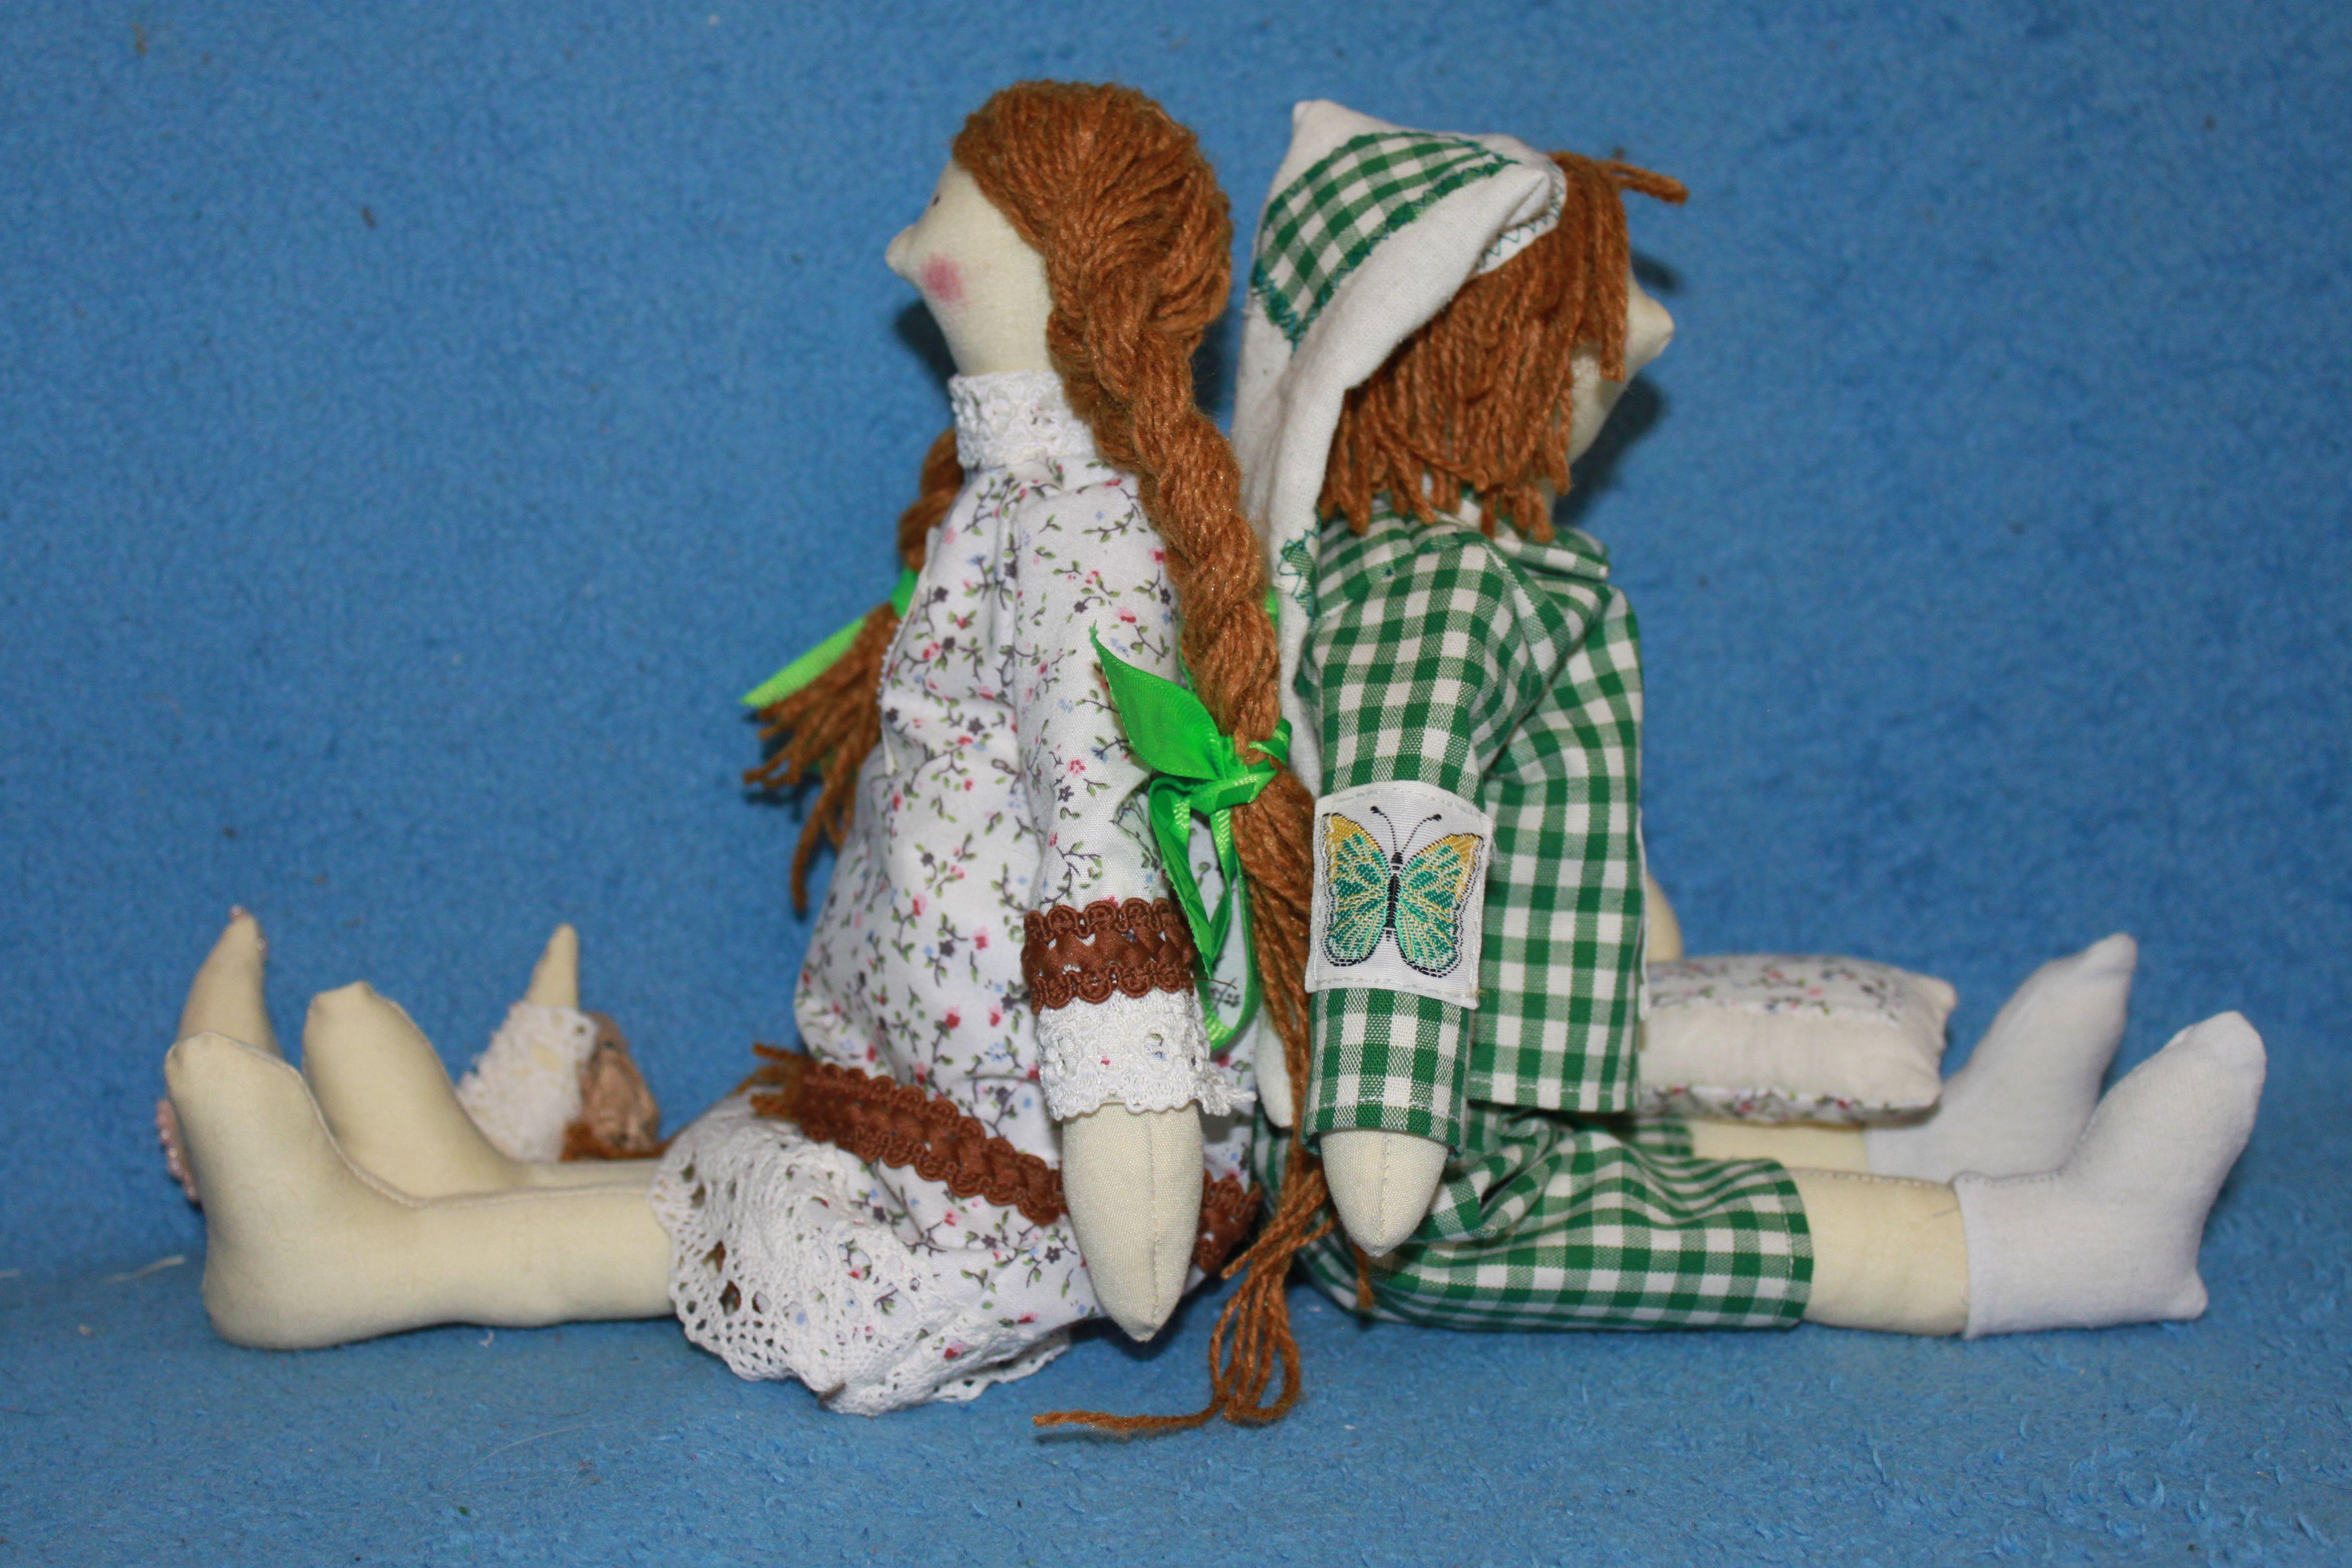 игровая сплюшка снов заказать сонный мальчик кукла тильда интерьерная продажа купить ангел бохо дети